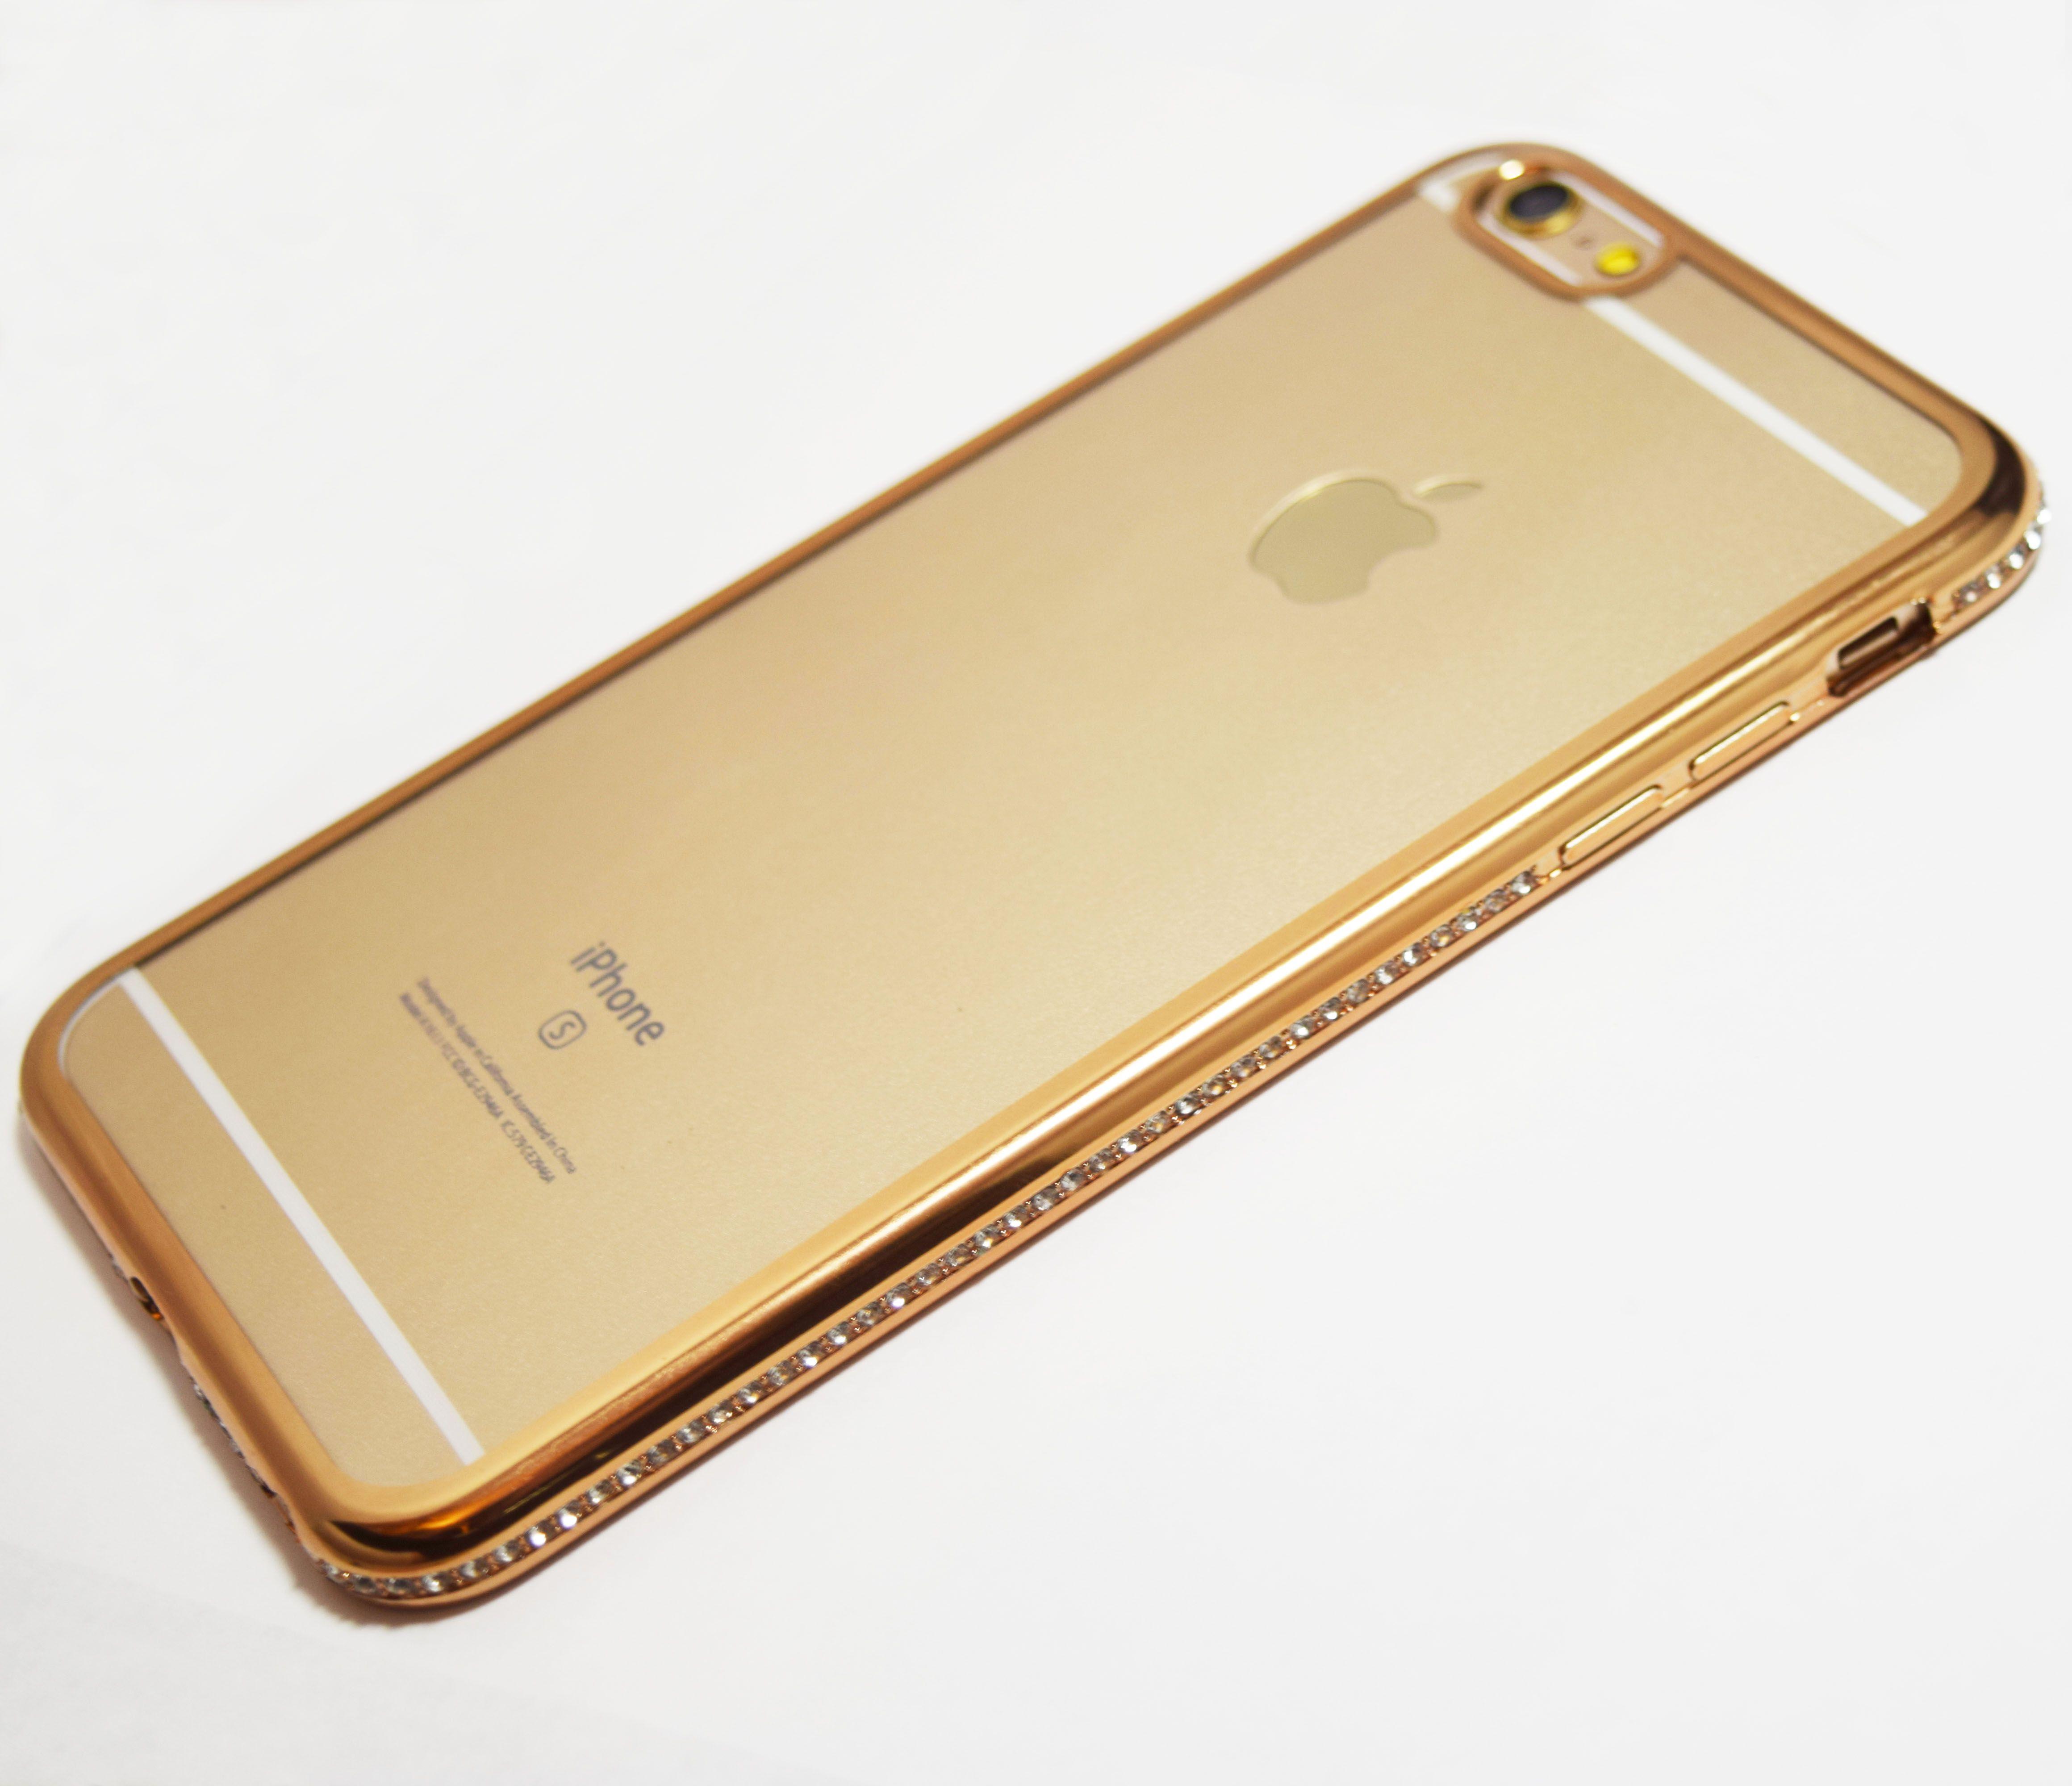 iphone 6 plus case gold